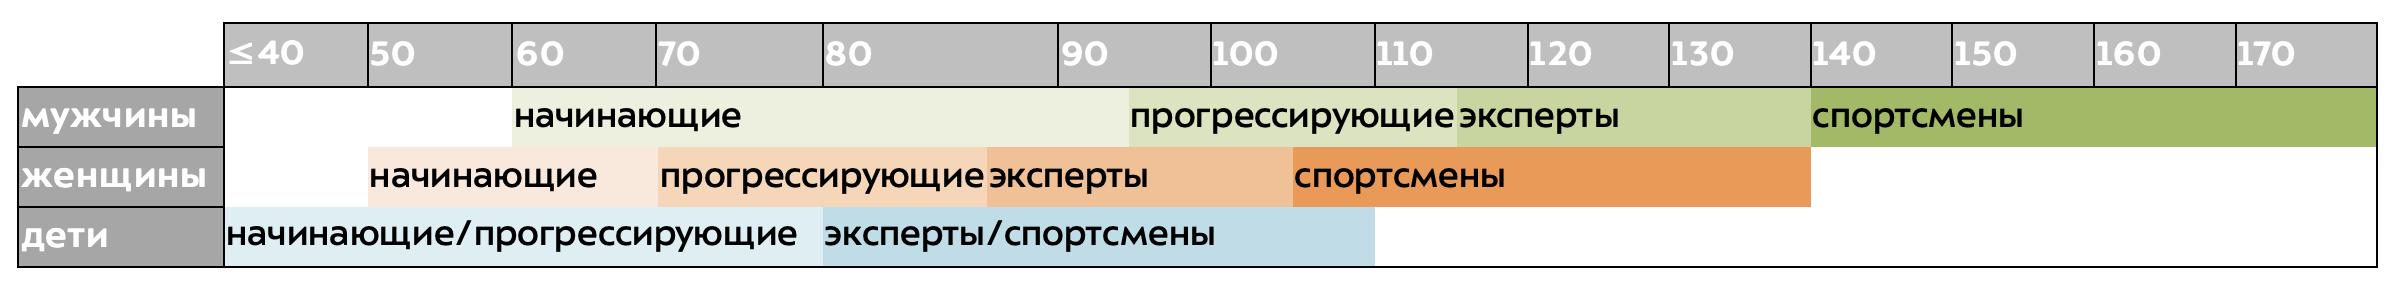 Таблица жесткости горнолыжных ботинок